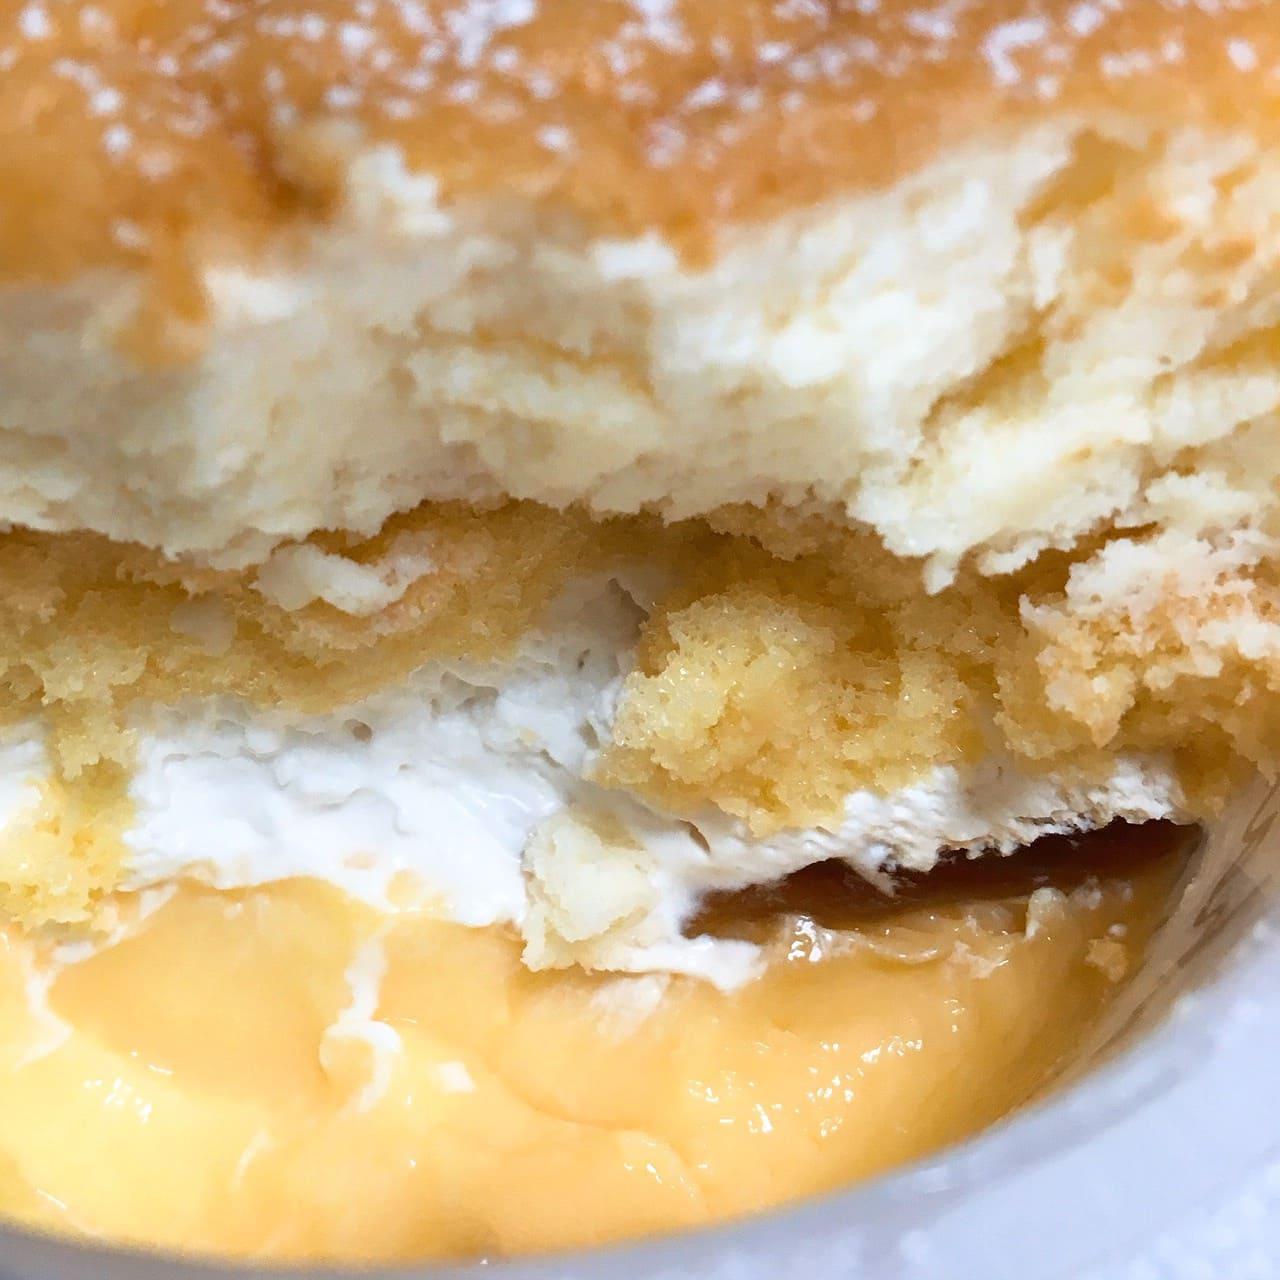 チーズスフレプリンのホイップとカラメル